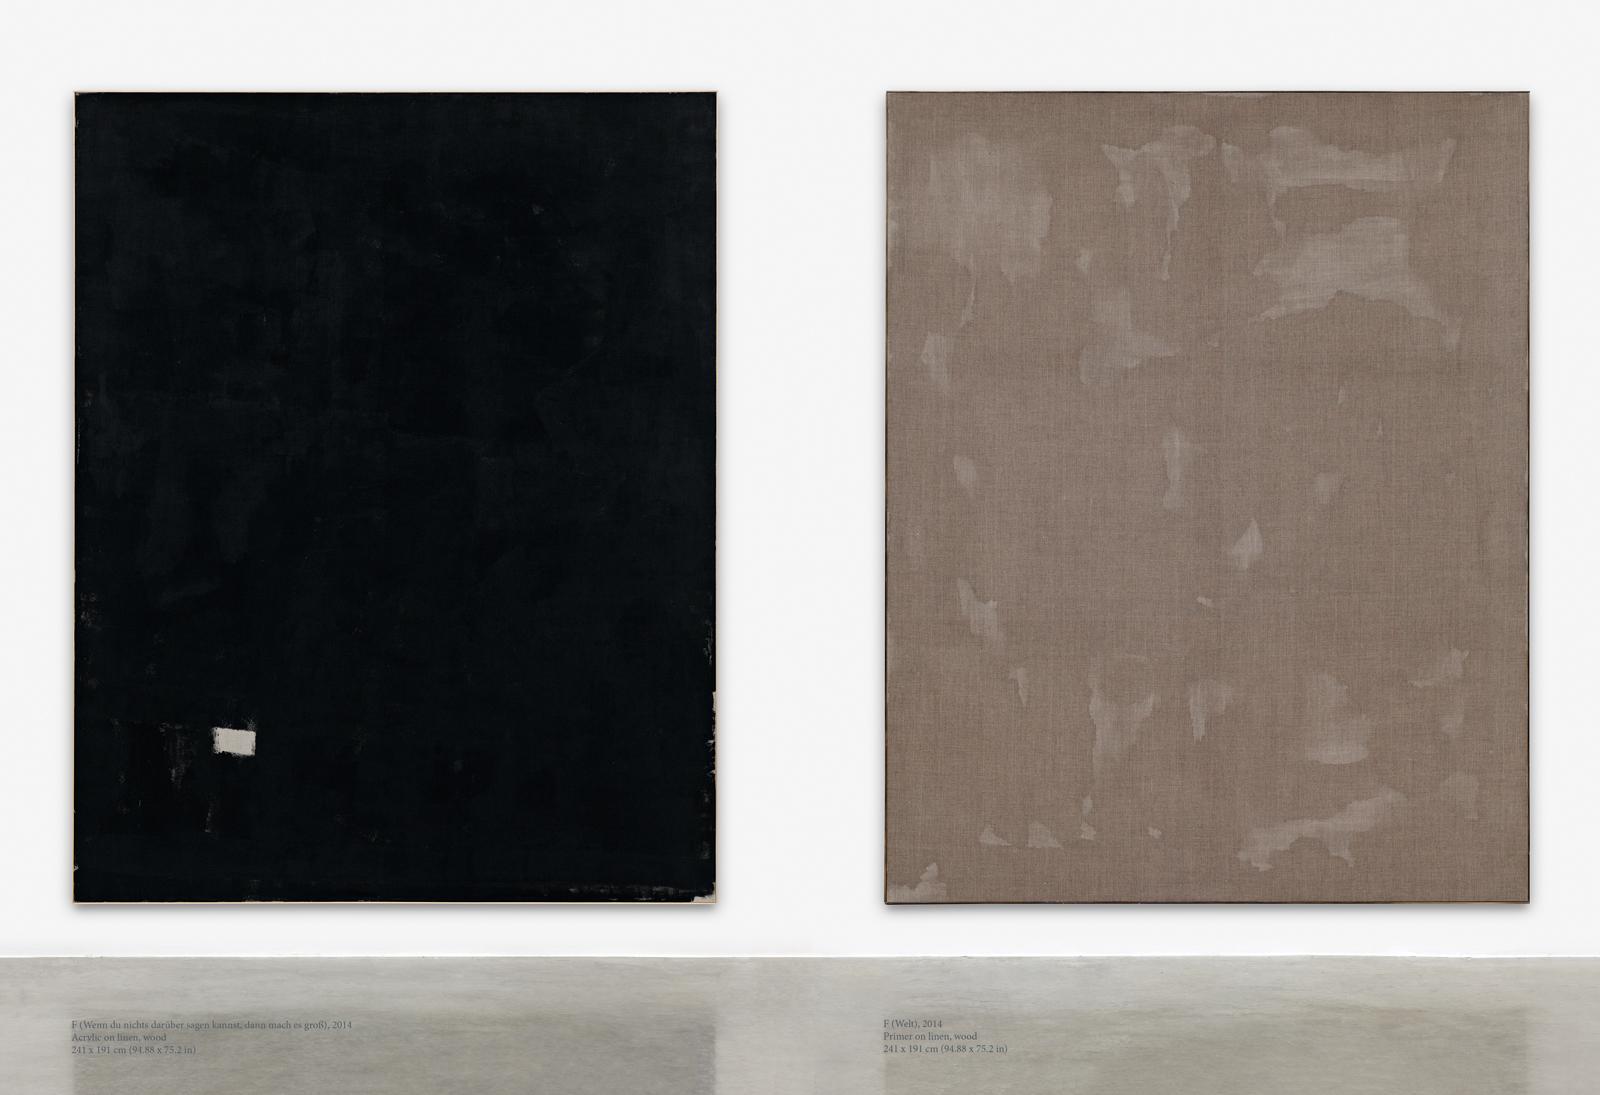 David Ostrowski, F (Wenn du nichts darüber sagen kannst, dann mach es groß), 2014, Acrylic on linen, wood, 241 x 191 cm (94.88 x 75.2 in), F (Welt), 2014, Primer on linen, wood, 241 x 191 cm (94.88 x 75.2 in)